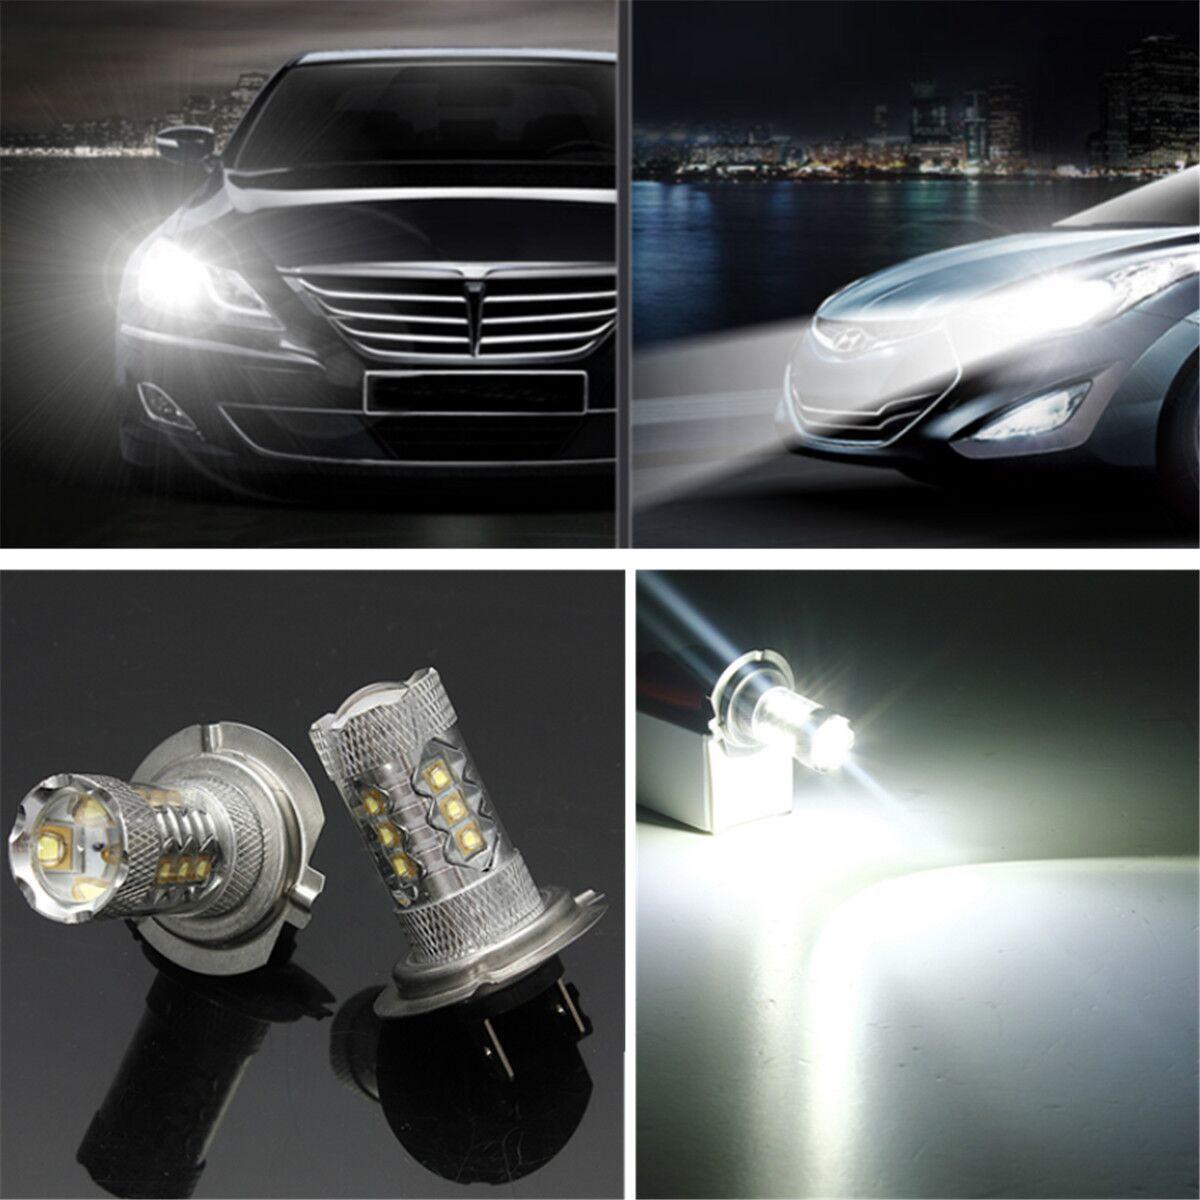 2x 80w h7 brouillard fog smd led conduire ampoule lampe - Ampoule led voiture h7 ...